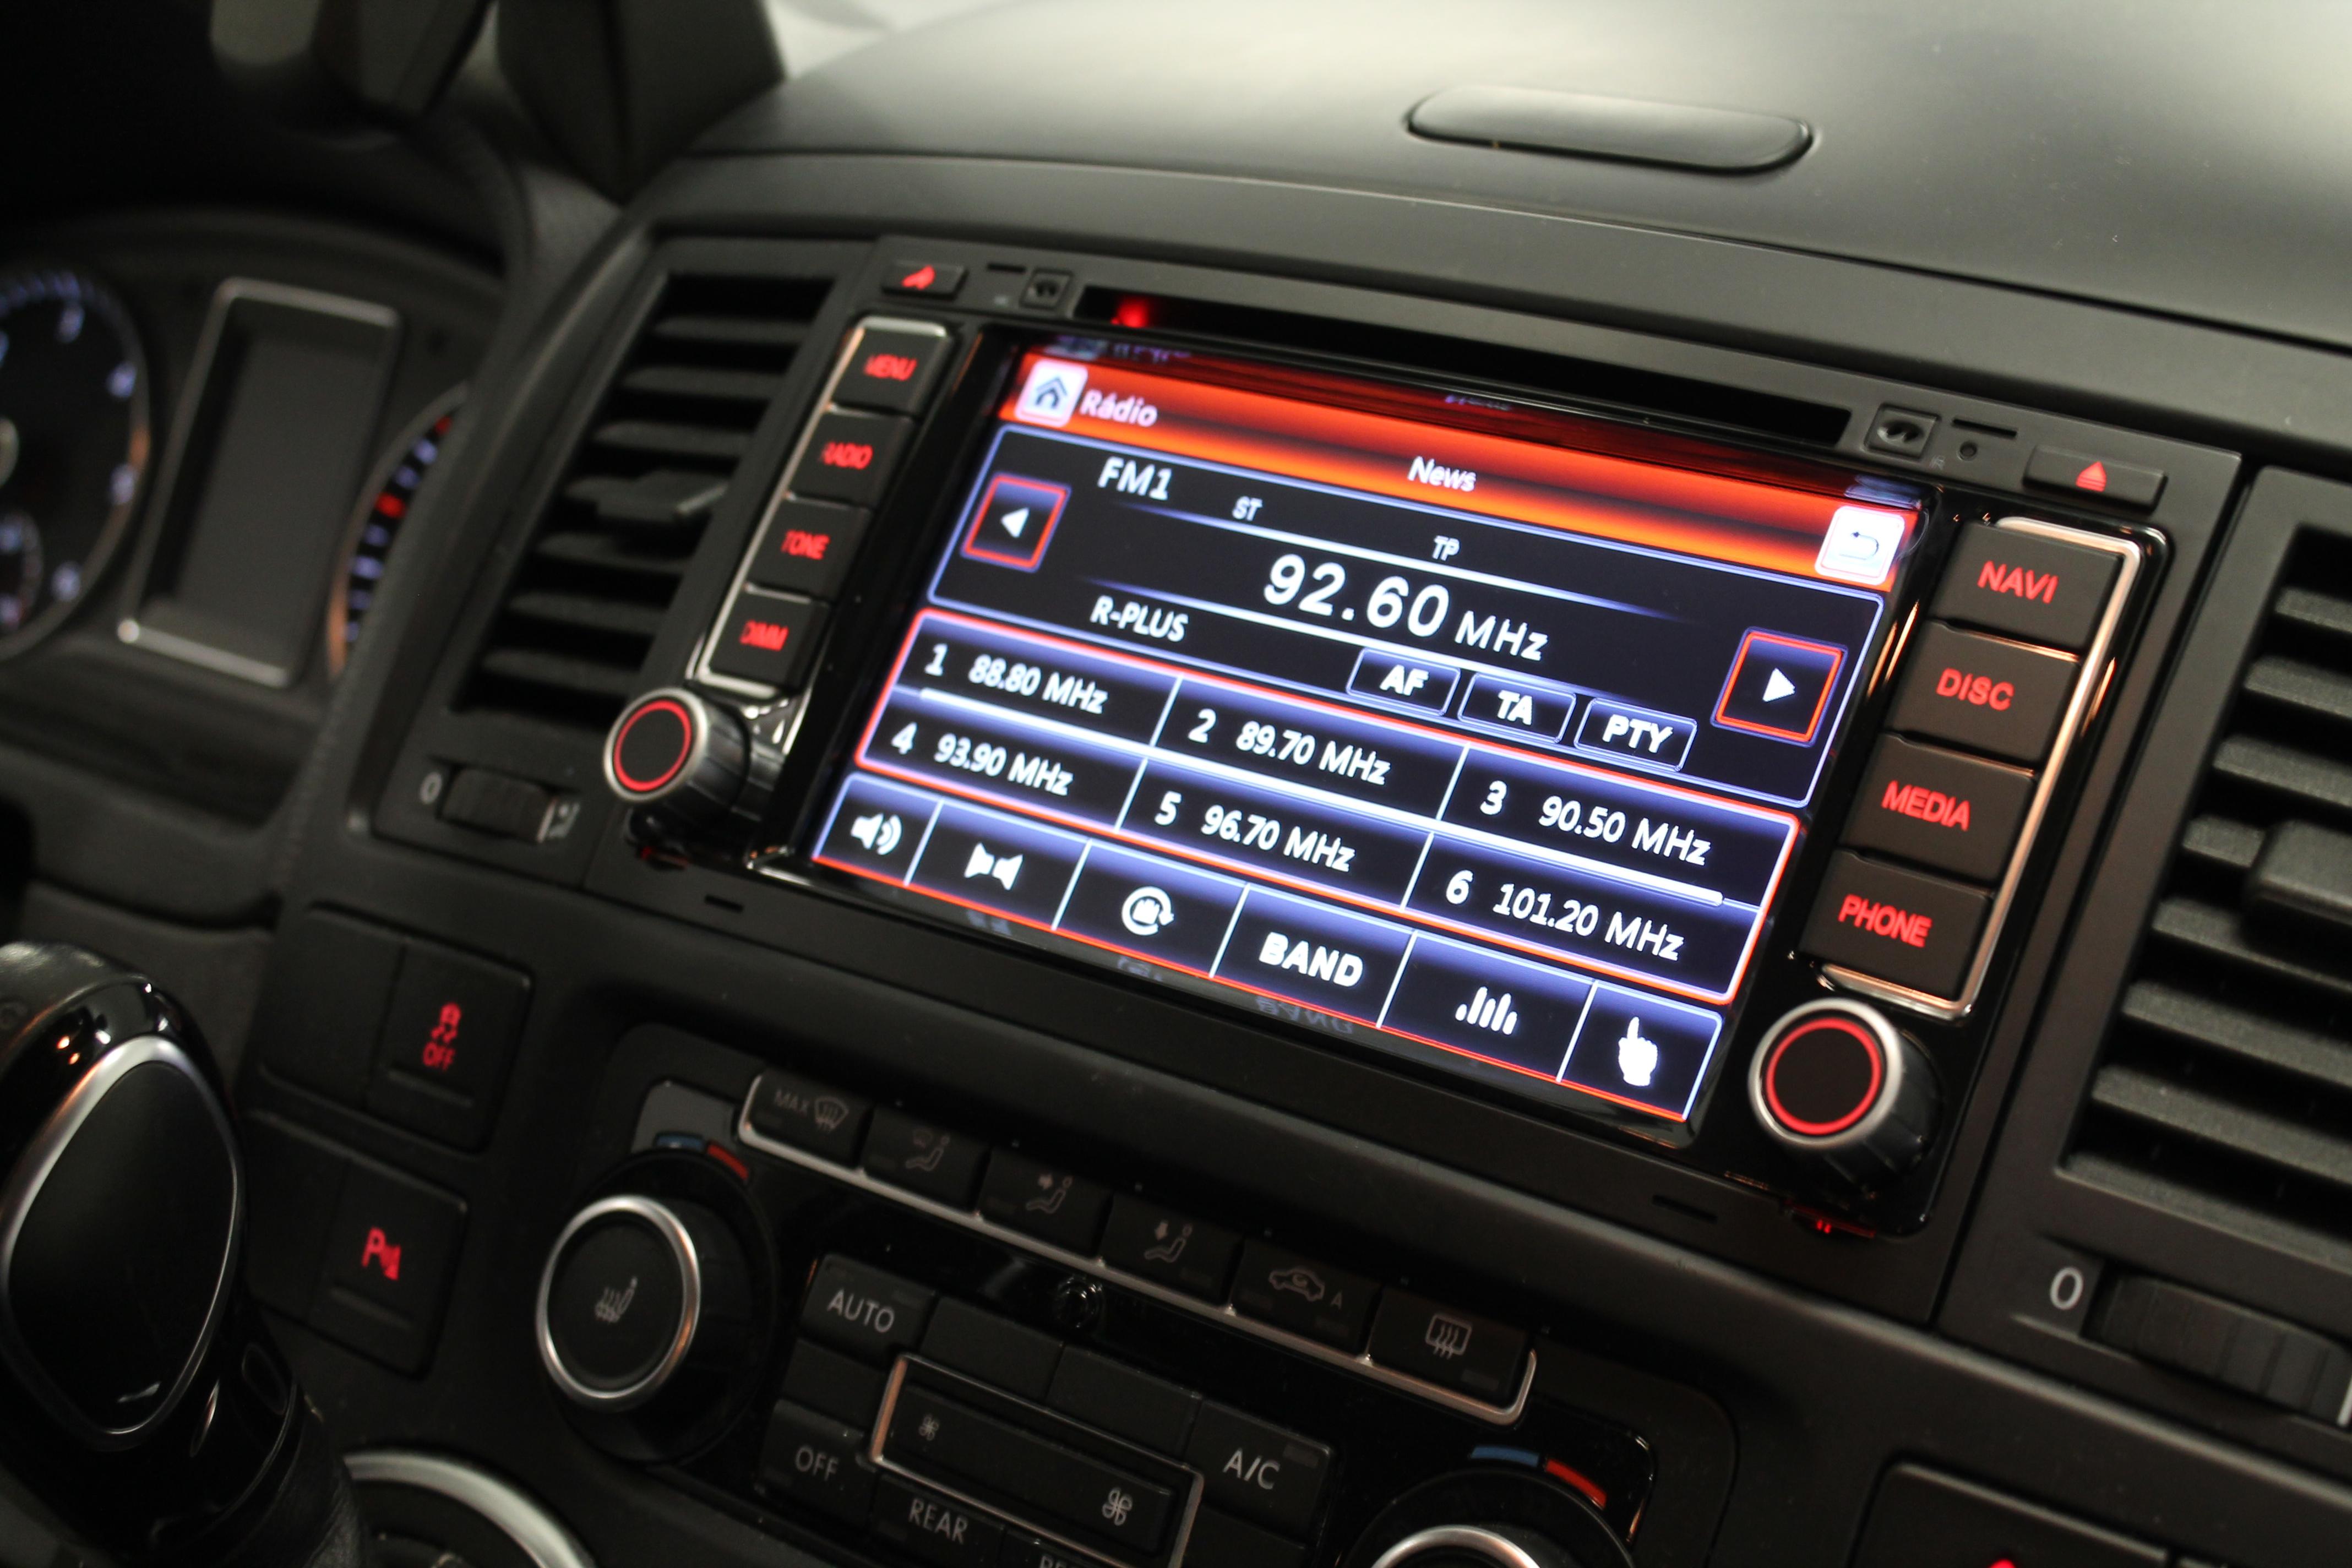 Montáž neoriginálního rádia do nových aut: jaké problémy mohou vzniknout?